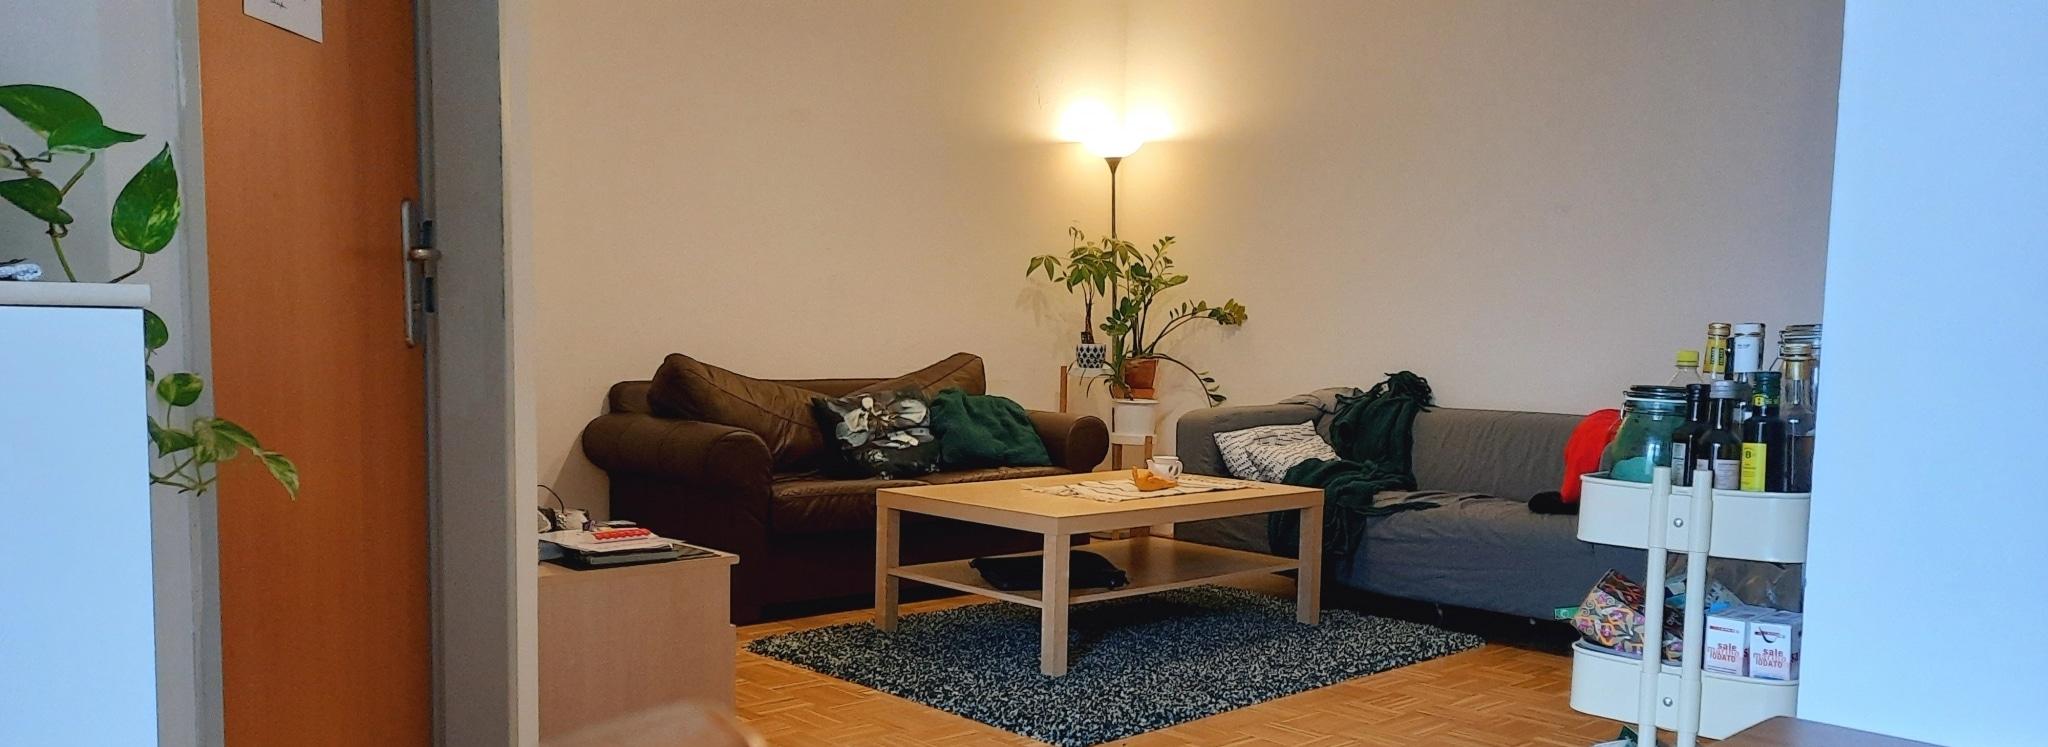 Wohnzimmer in einer Trainingswohnung